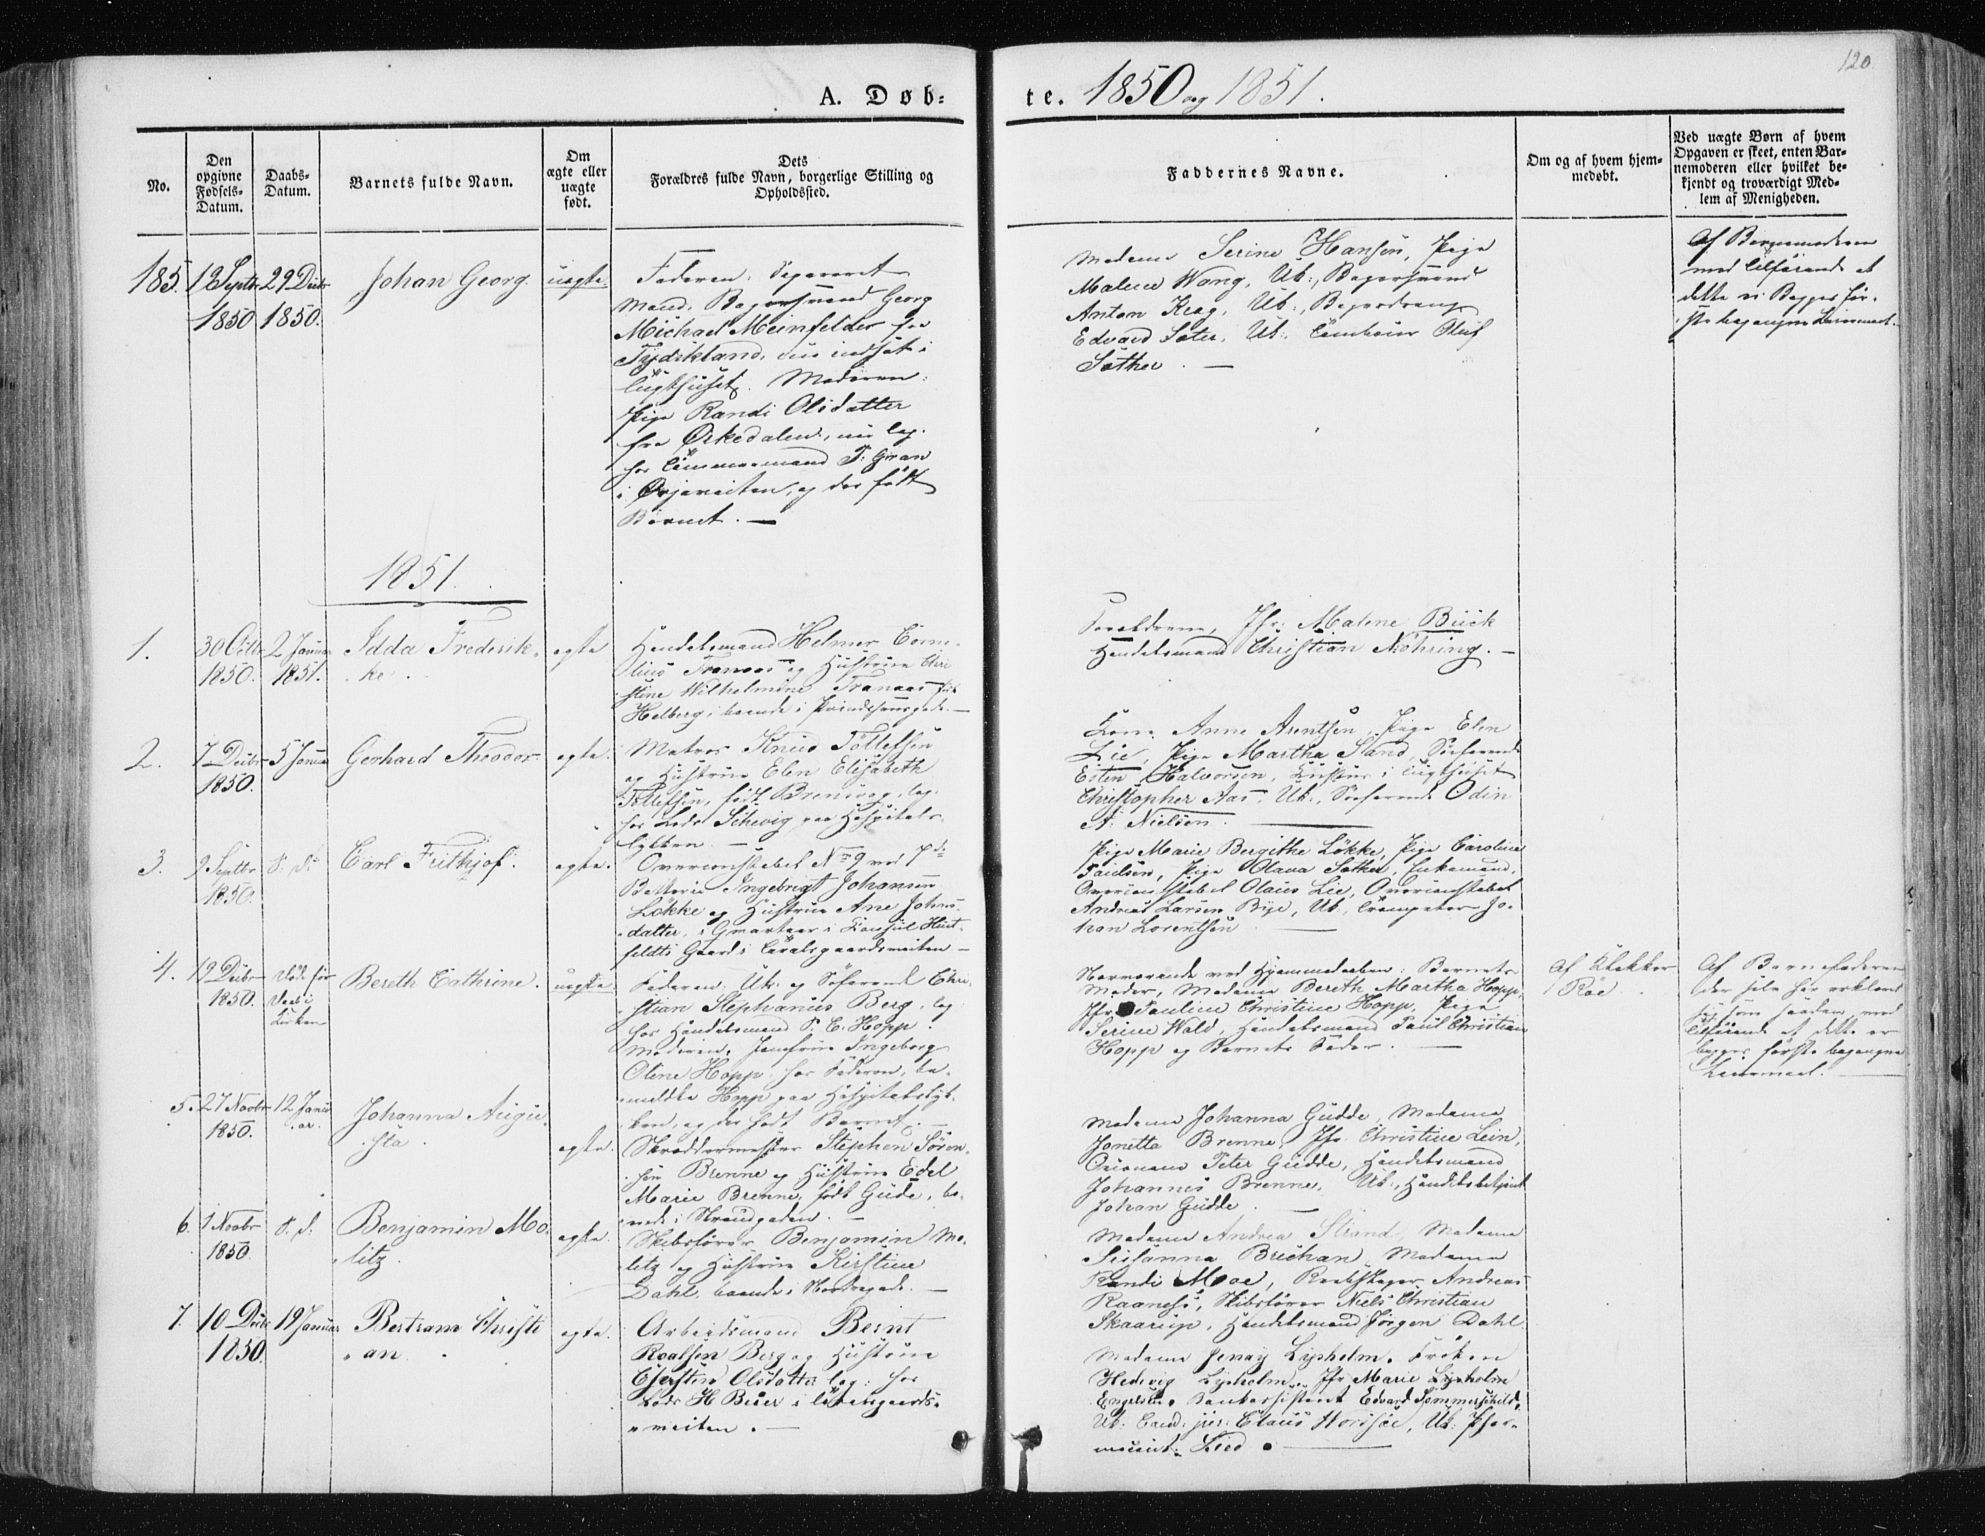 SAT, Ministerialprotokoller, klokkerbøker og fødselsregistre - Sør-Trøndelag, 602/L0110: Ministerialbok nr. 602A08, 1840-1854, s. 120